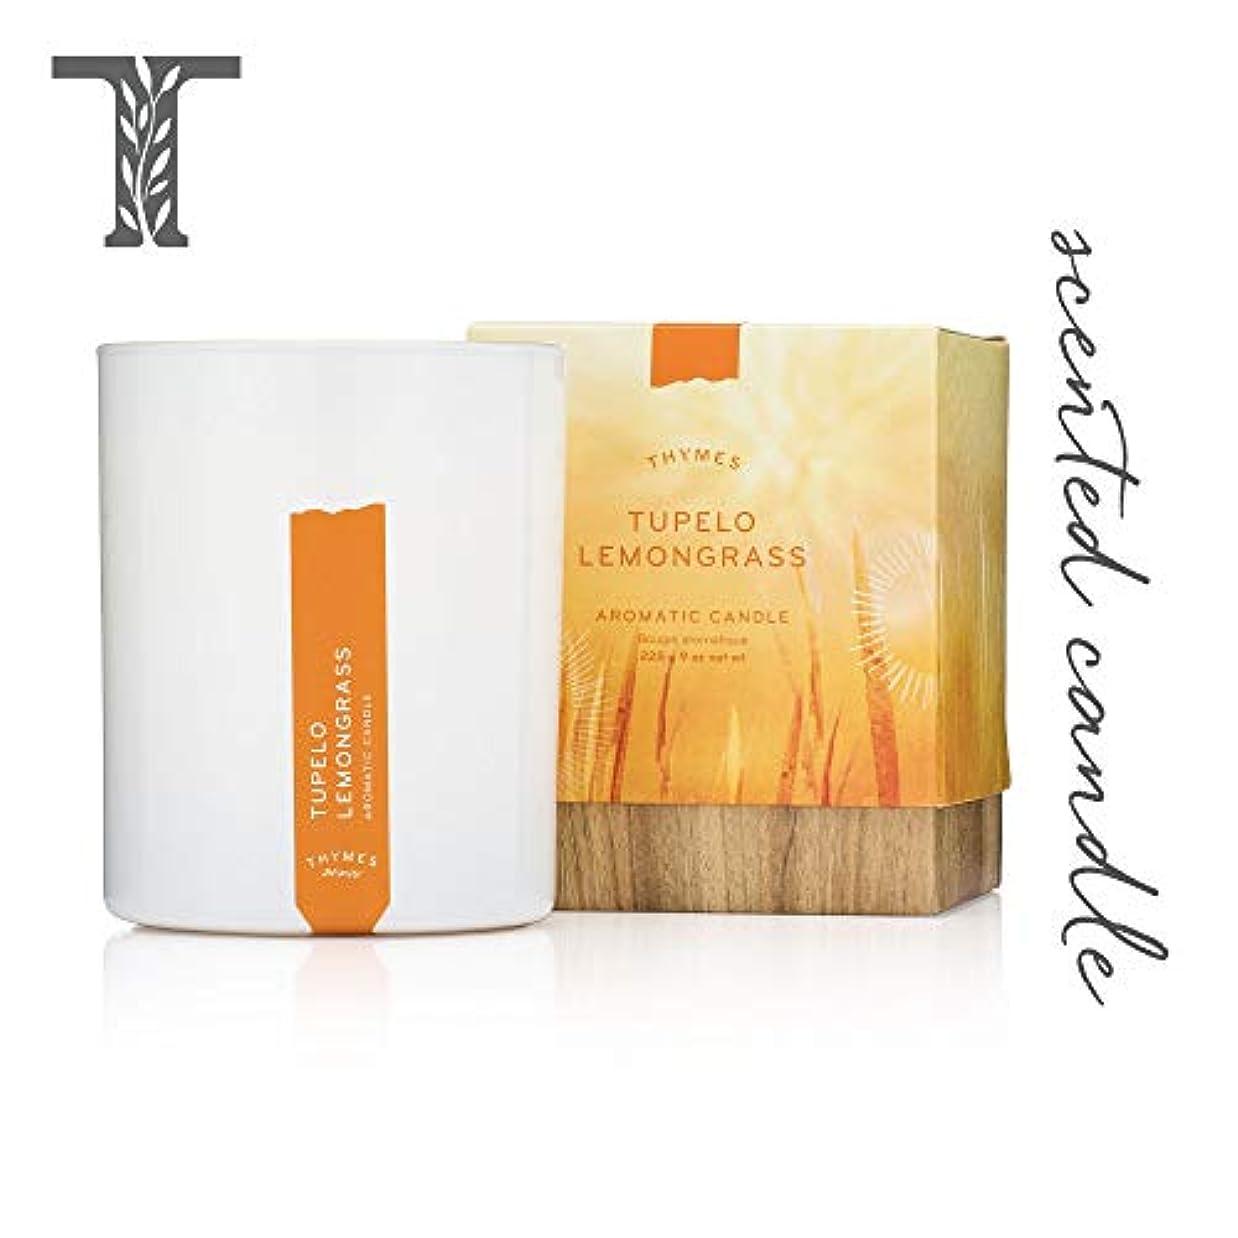 想像力豊かなはねかける布ThymesテューペロレモングラスAromatic Candle